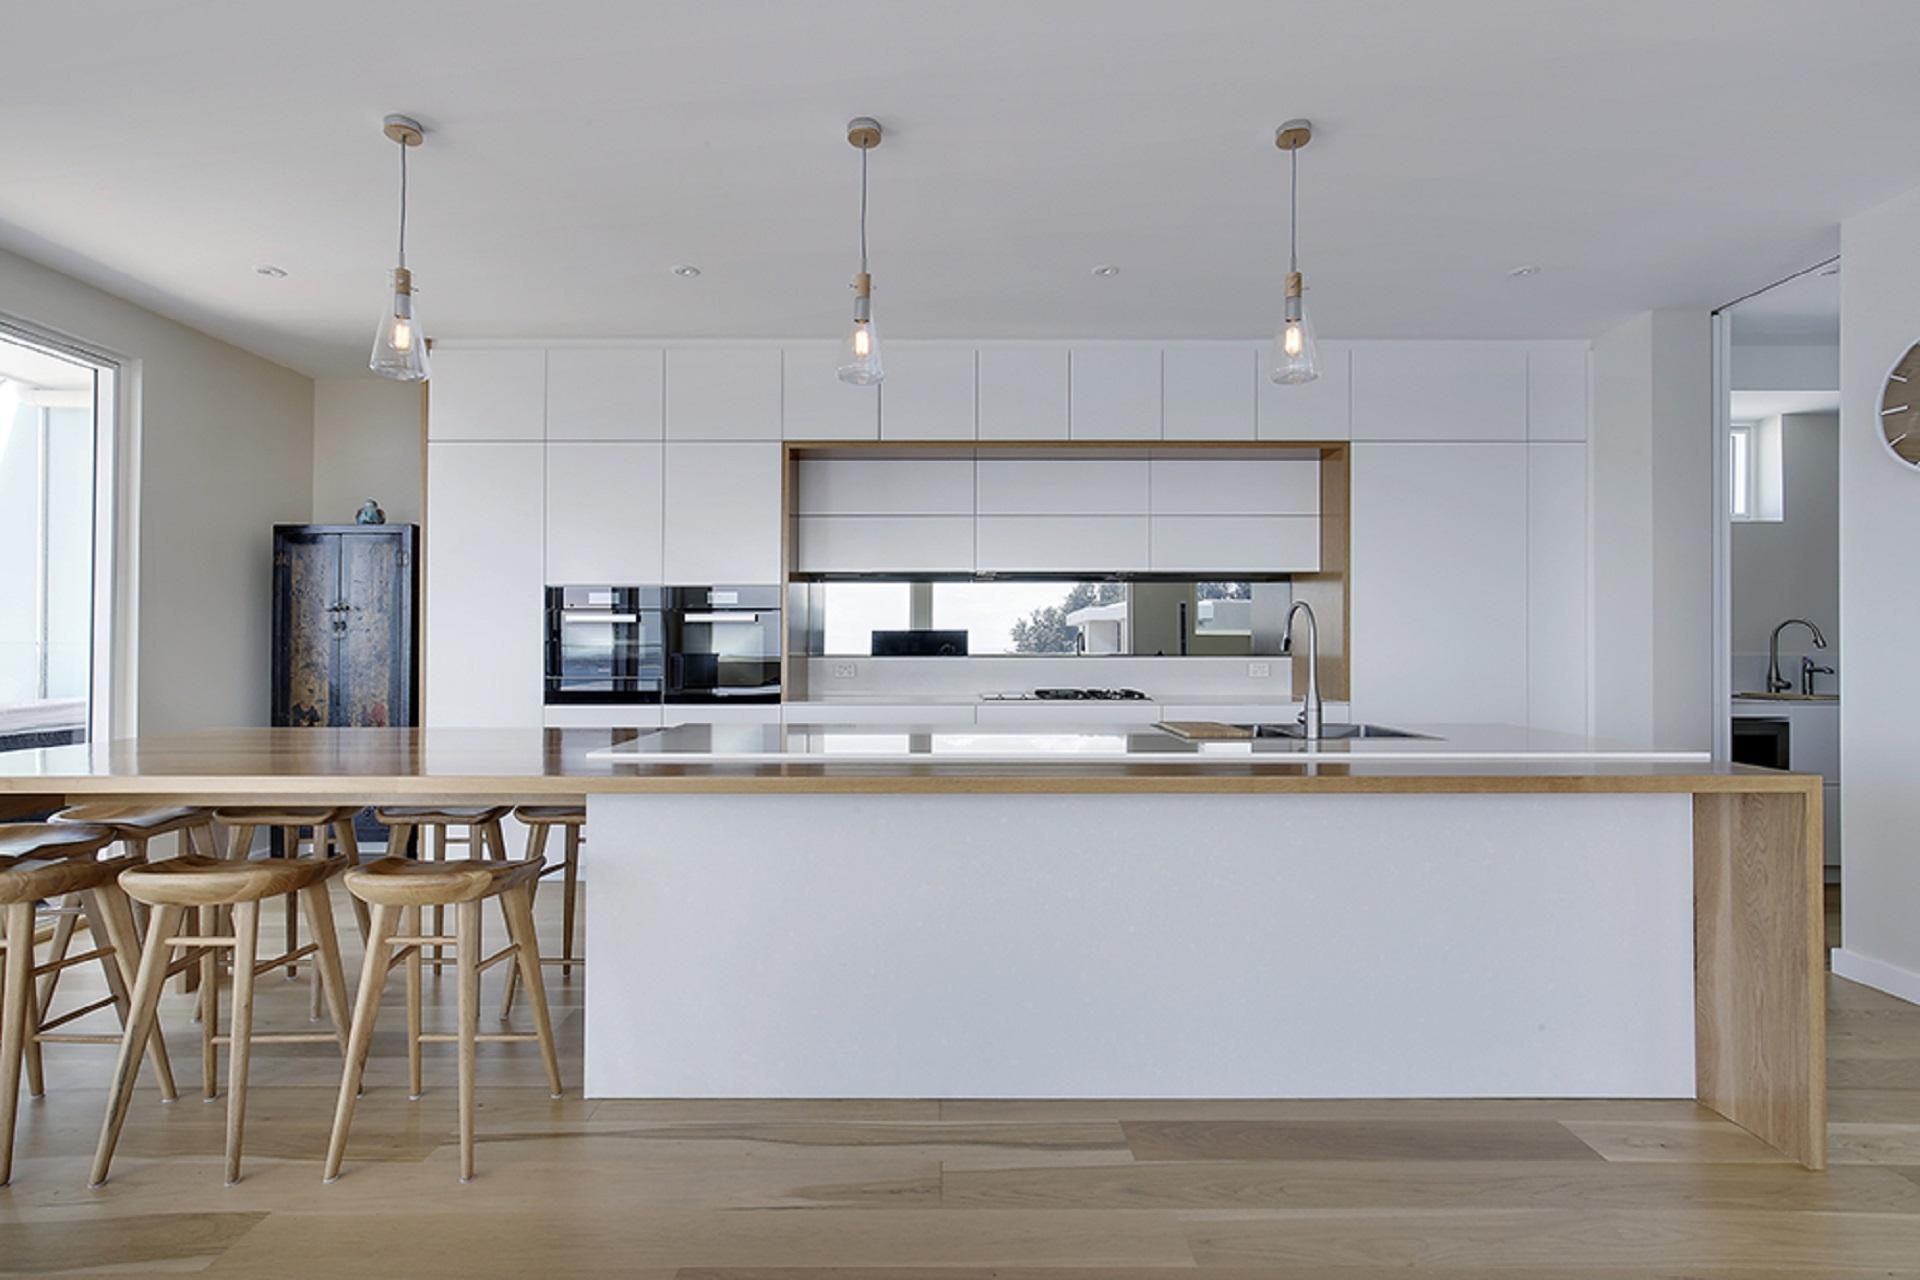 Kitchen Design Curl Curl.jpg